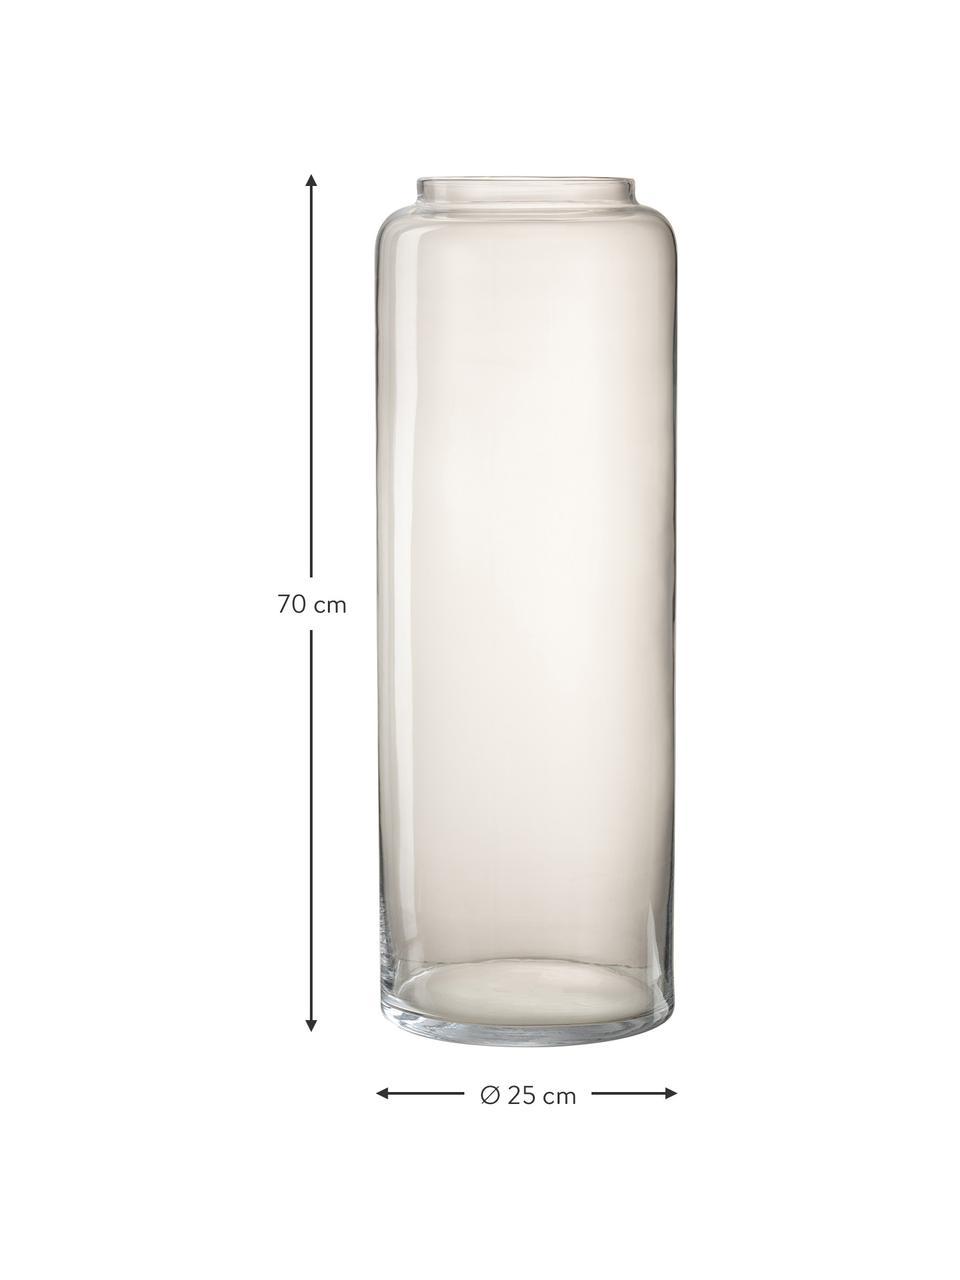 Wazon podłogowy ze szkła Right, Szklanka, Transparentny, Ø 25 x W 70 cm